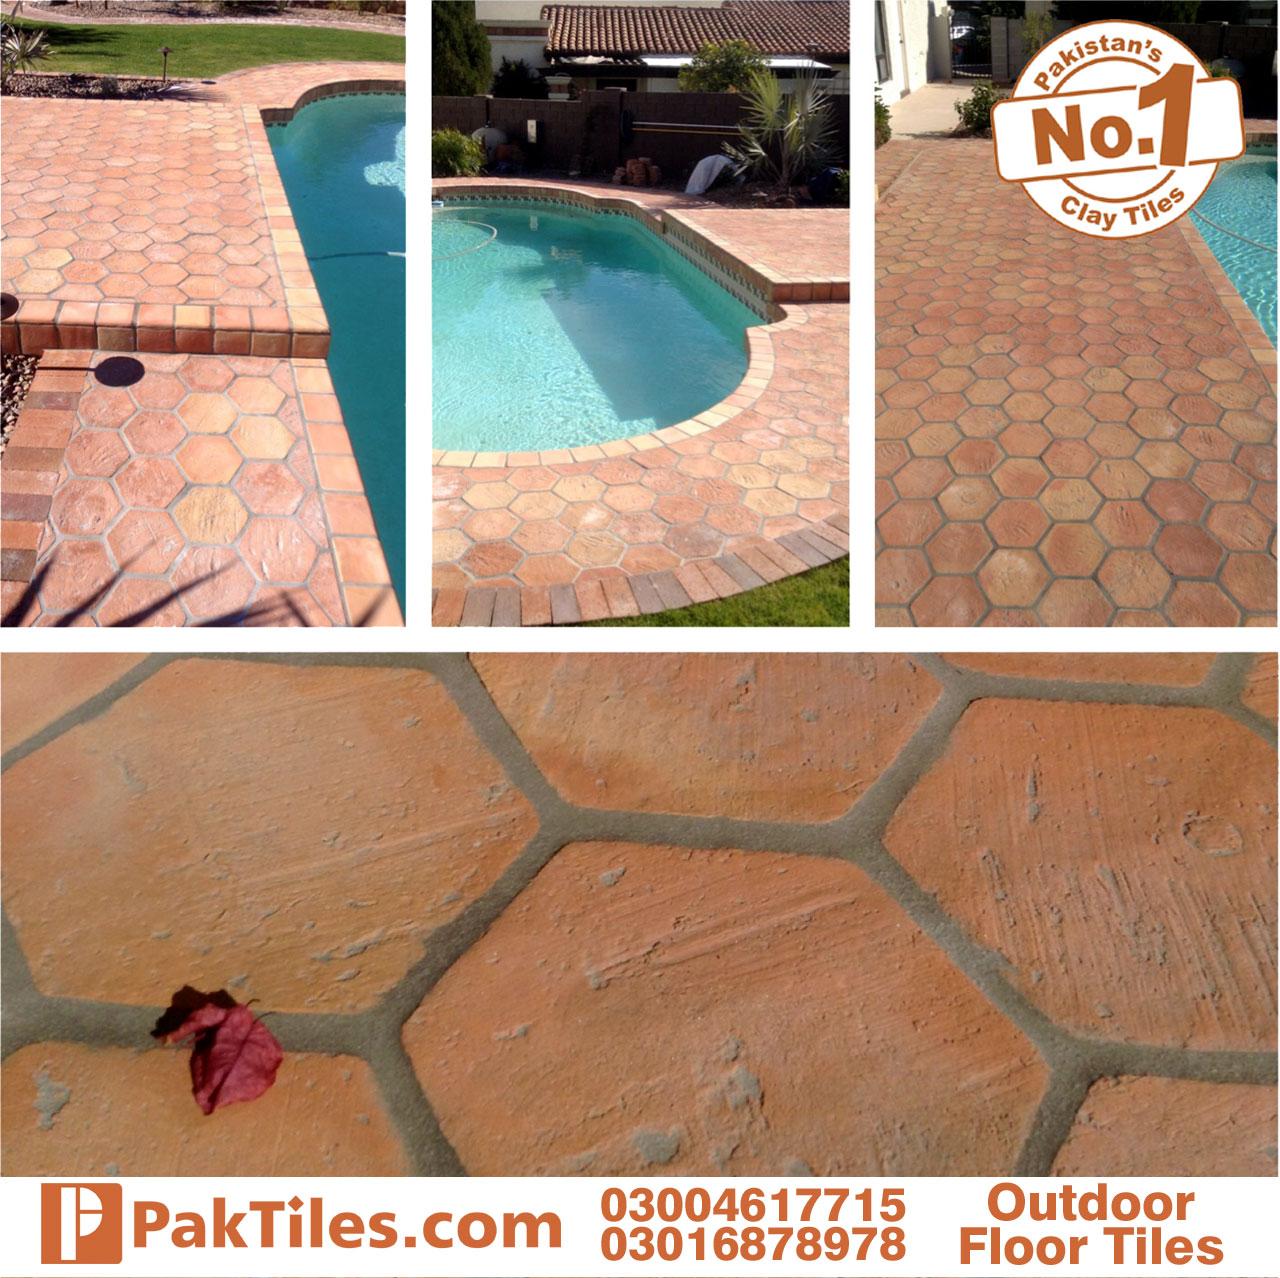 Exterior Pool Floor Tiles in Pakistan